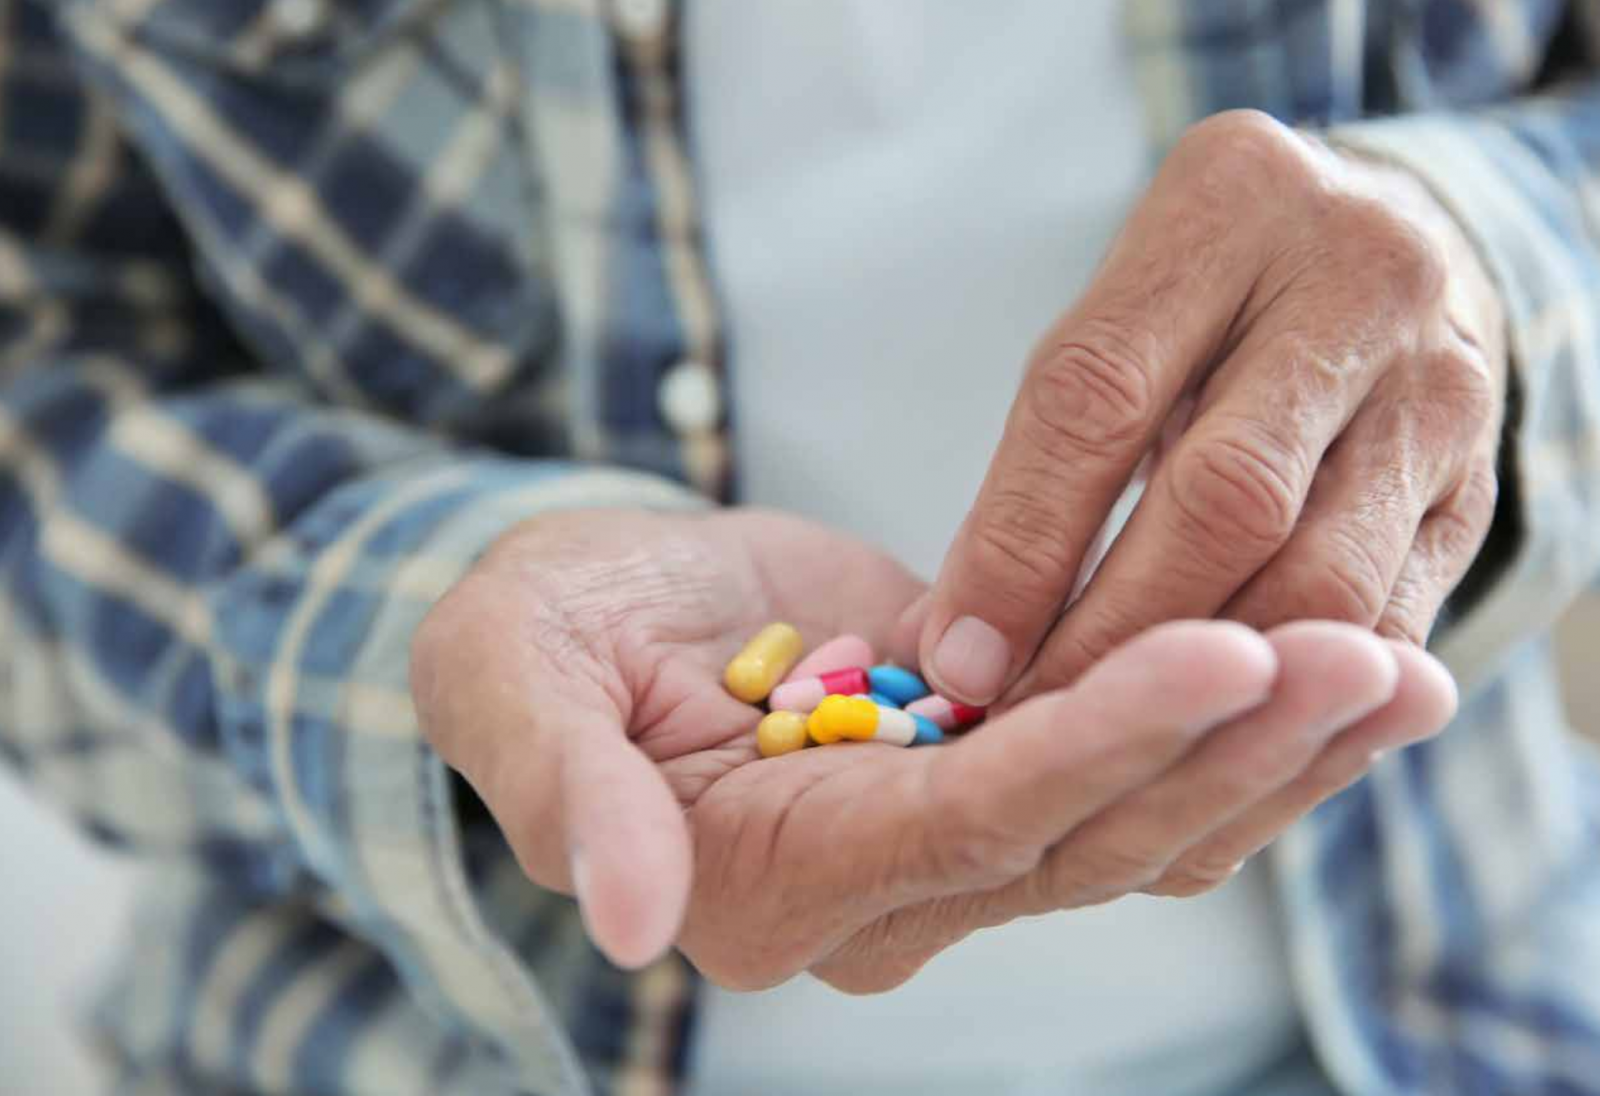 Déprescription : ai-je encore besoin de ce médicament ?